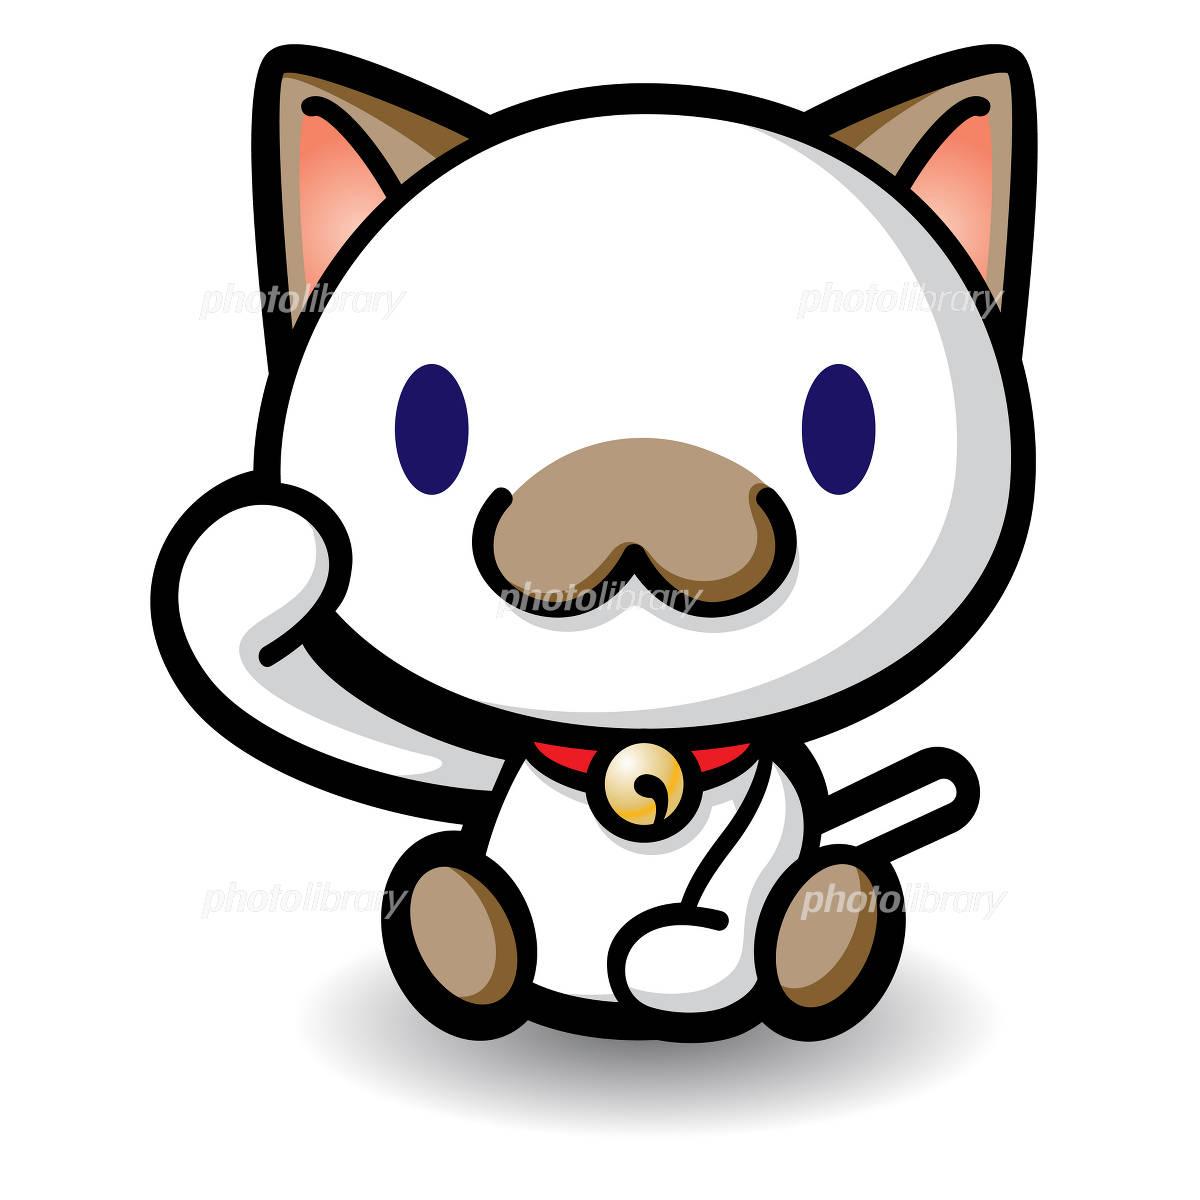 招き猫 シャム猫 イラスト素材 373226 フォトライブラリー